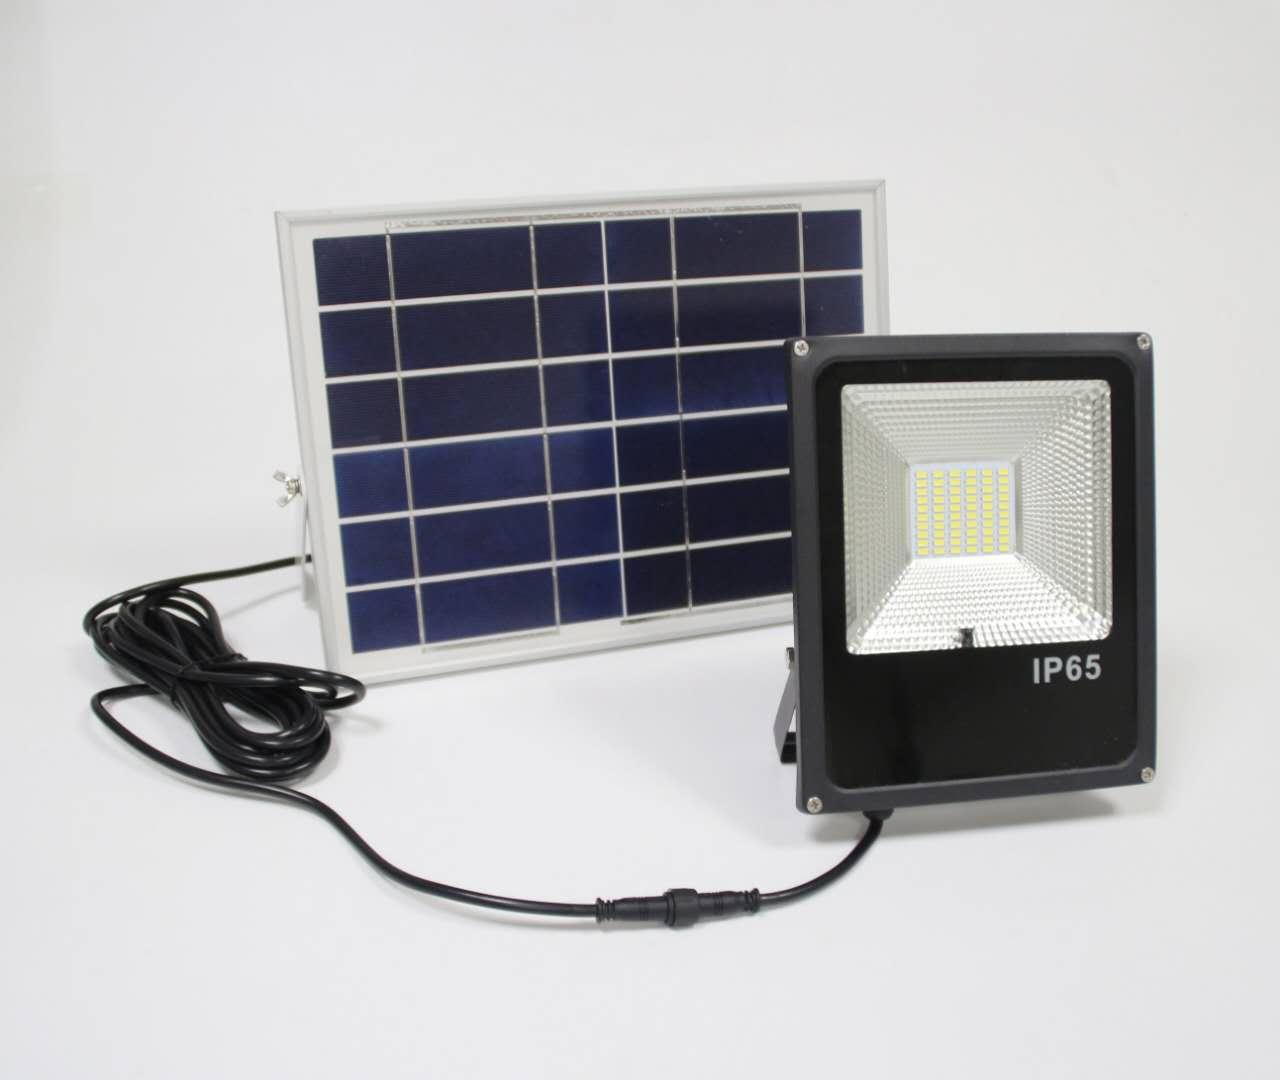 太阳能投光灯厂家直销-大量供应